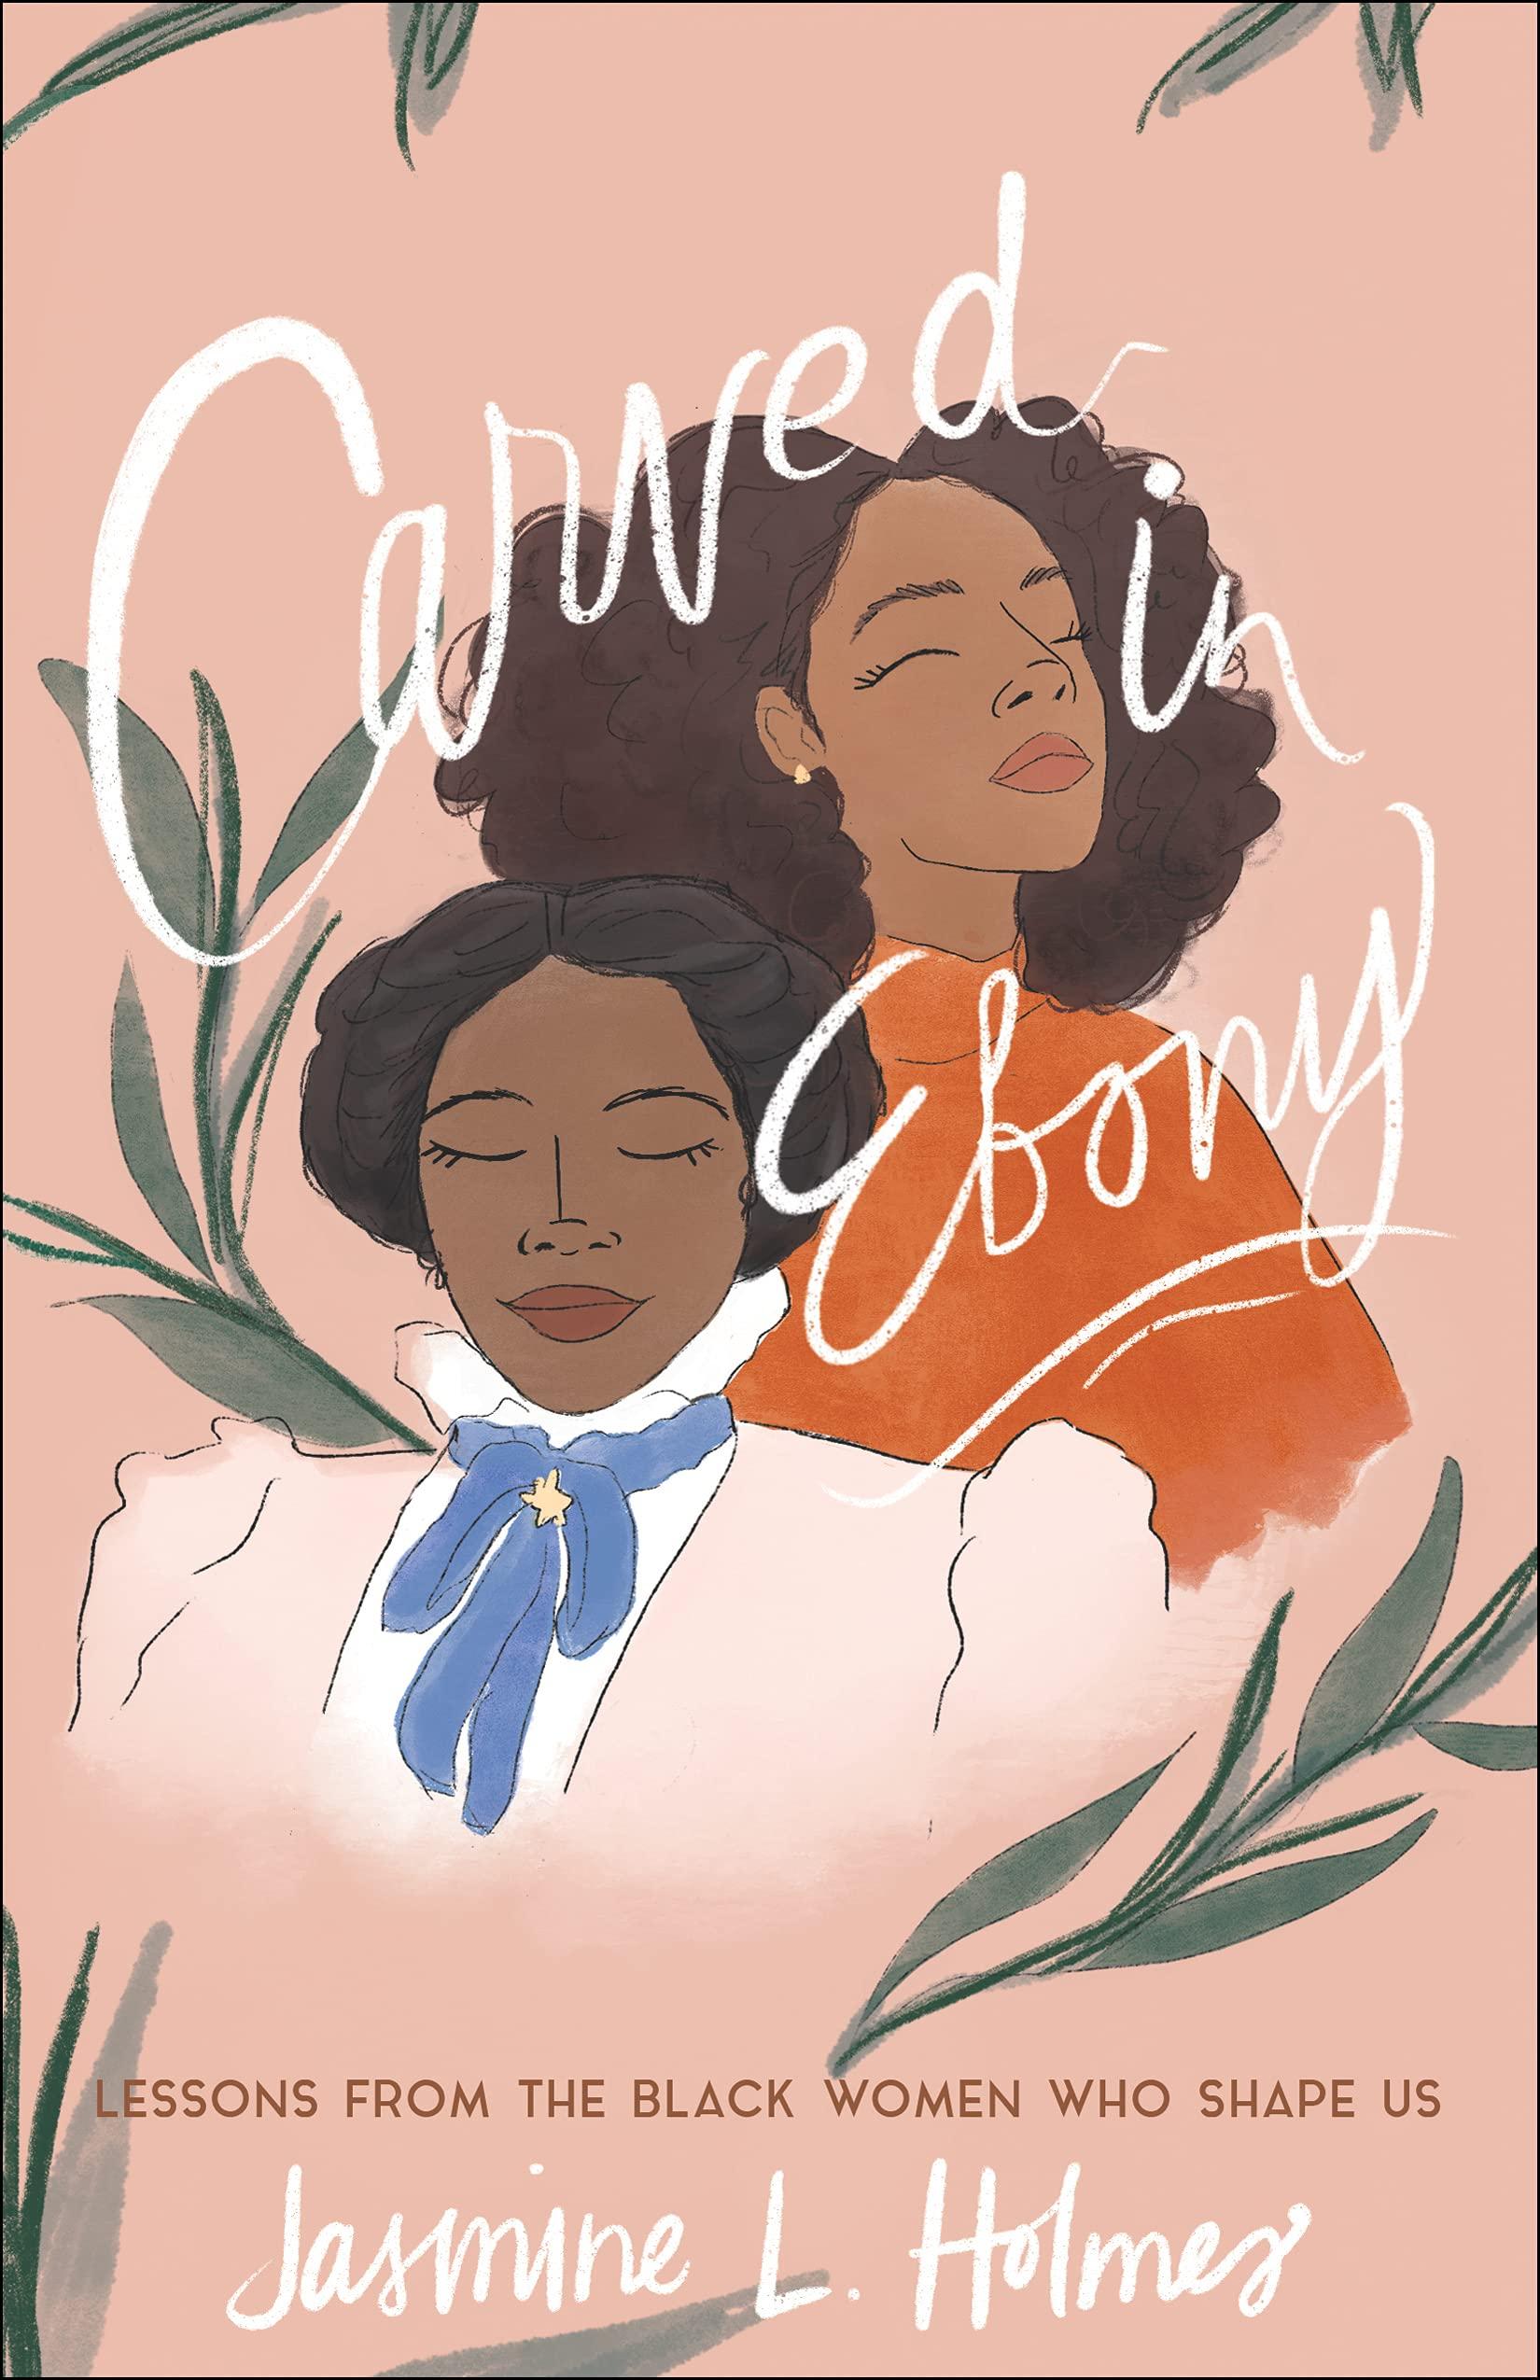 Carved in Ebony